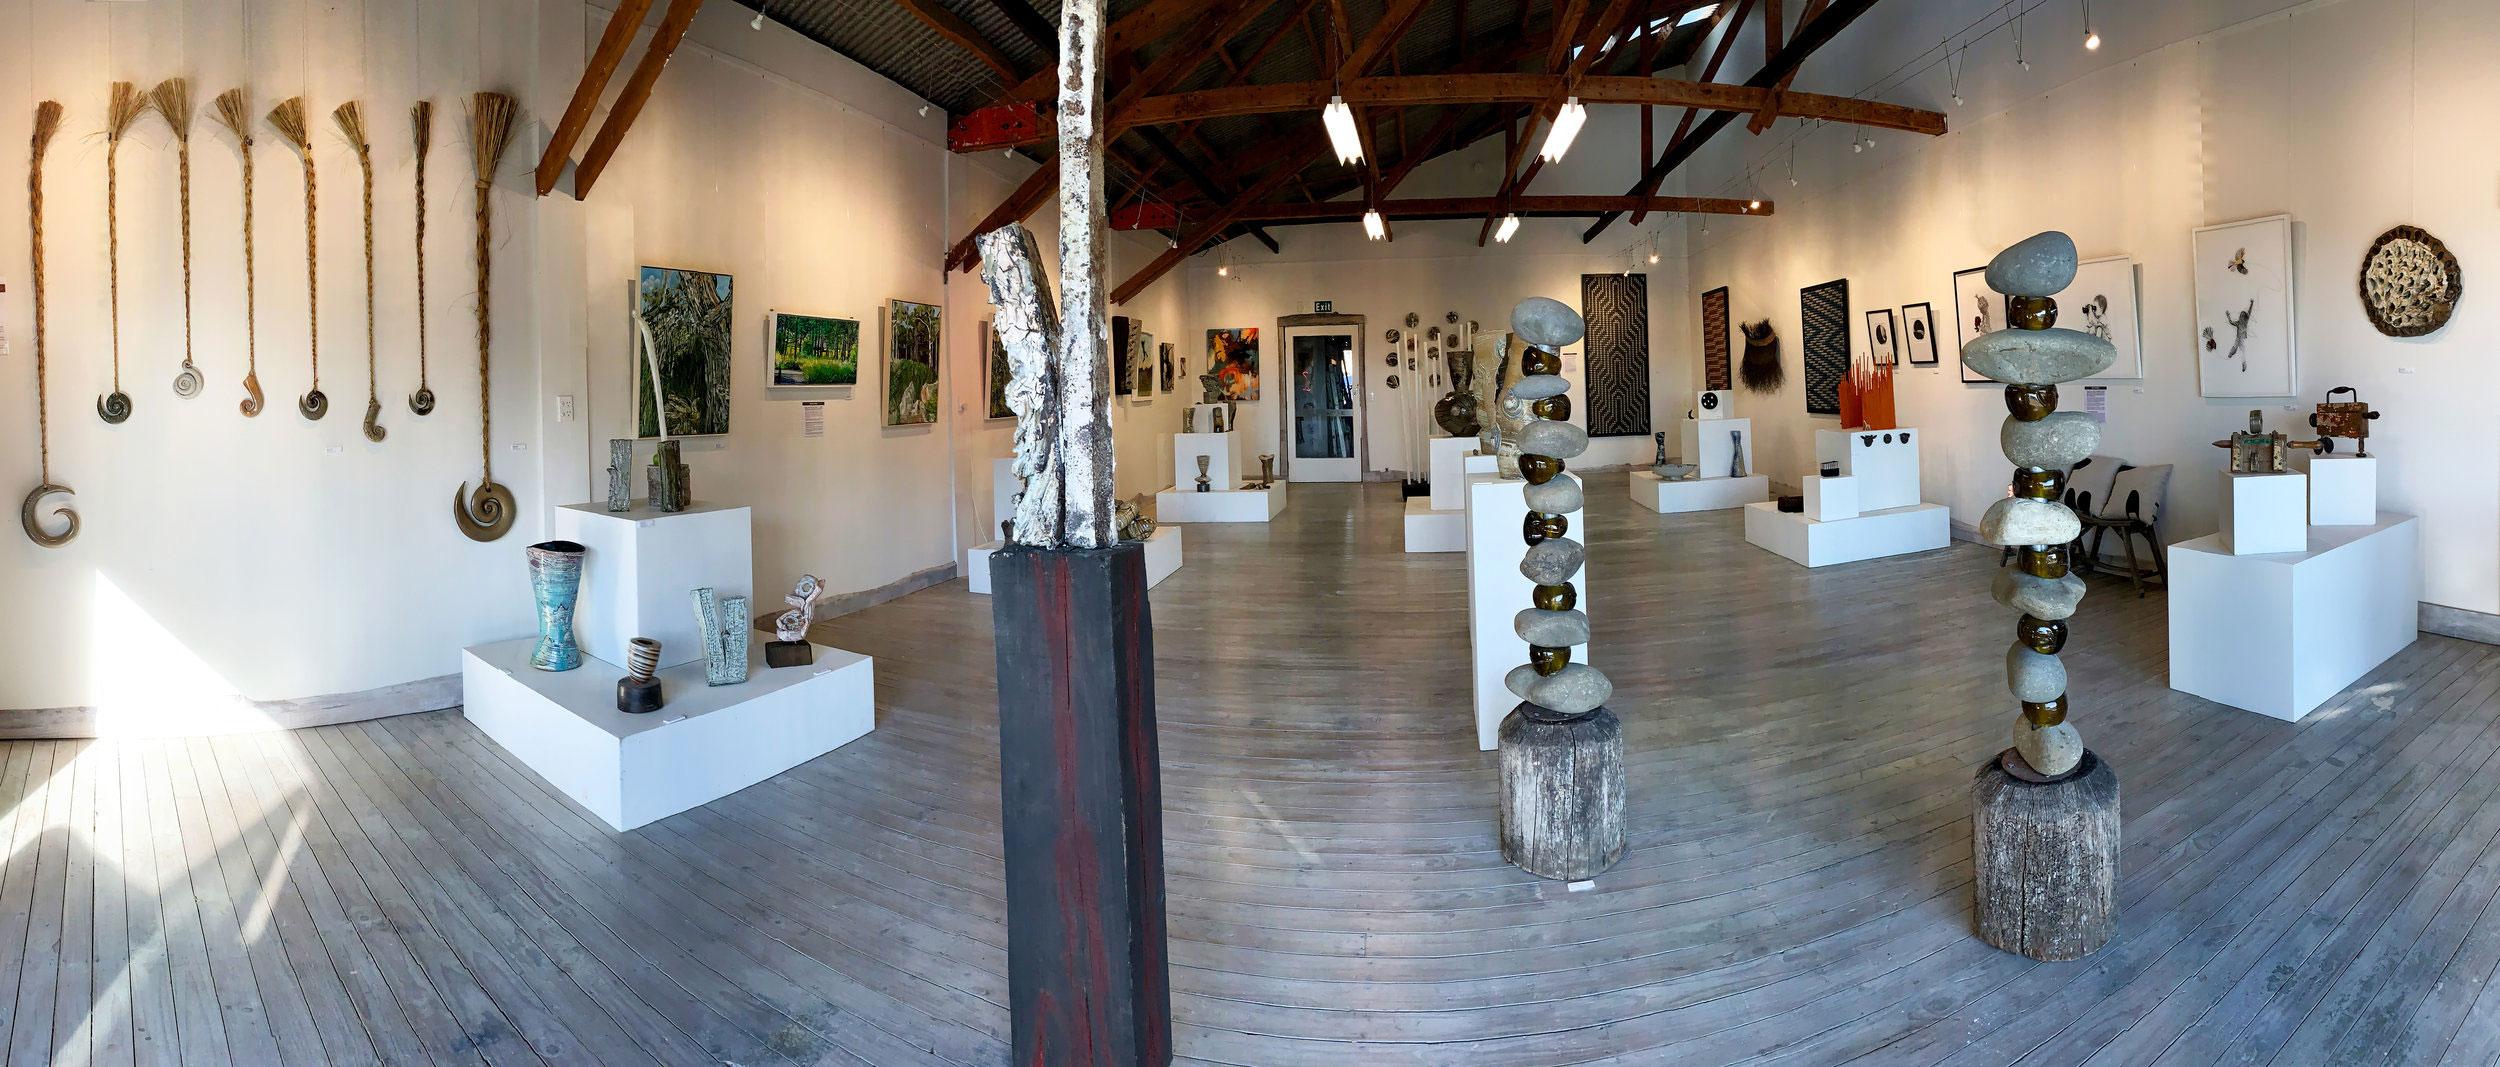 Darryl-Frost-Nelson-art-gallery4.jpg